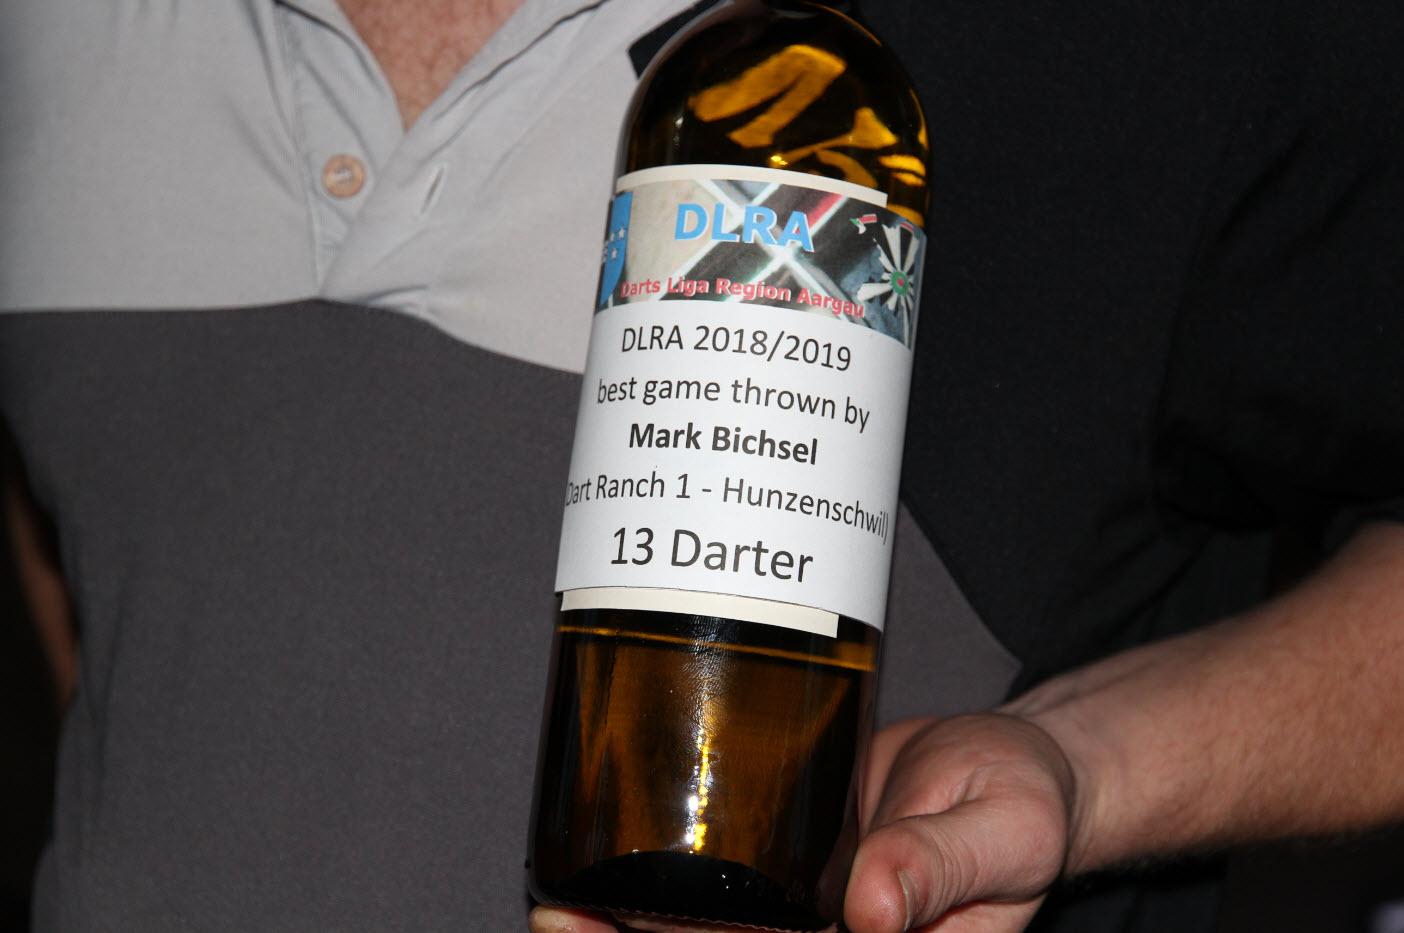 best games - 13 Dater von Mark Bichsel ( Dart Ranch 1 - Hunzenschwil)